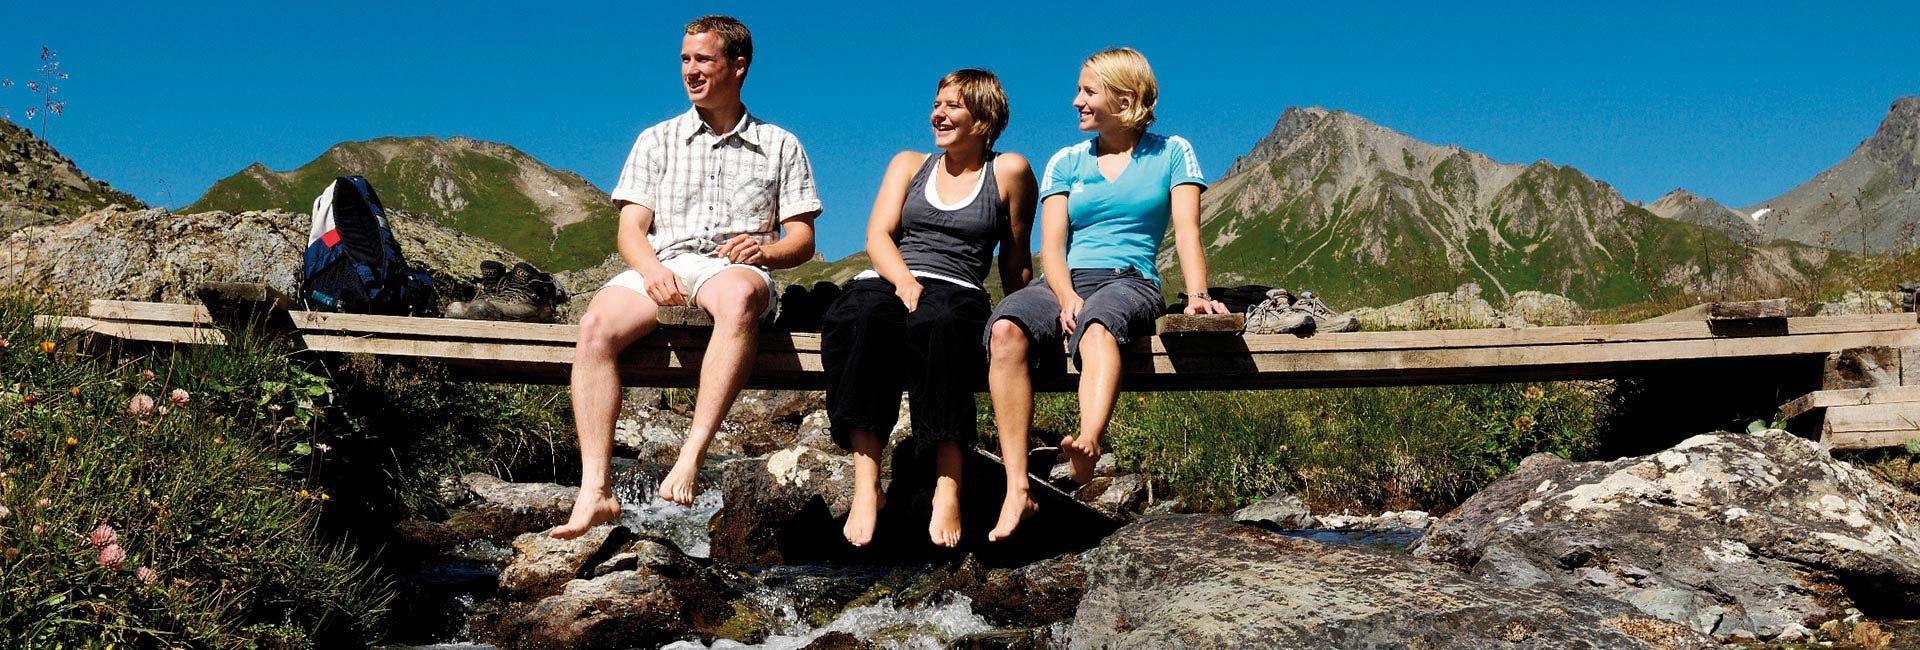 Sommerurlaub in Samnaun